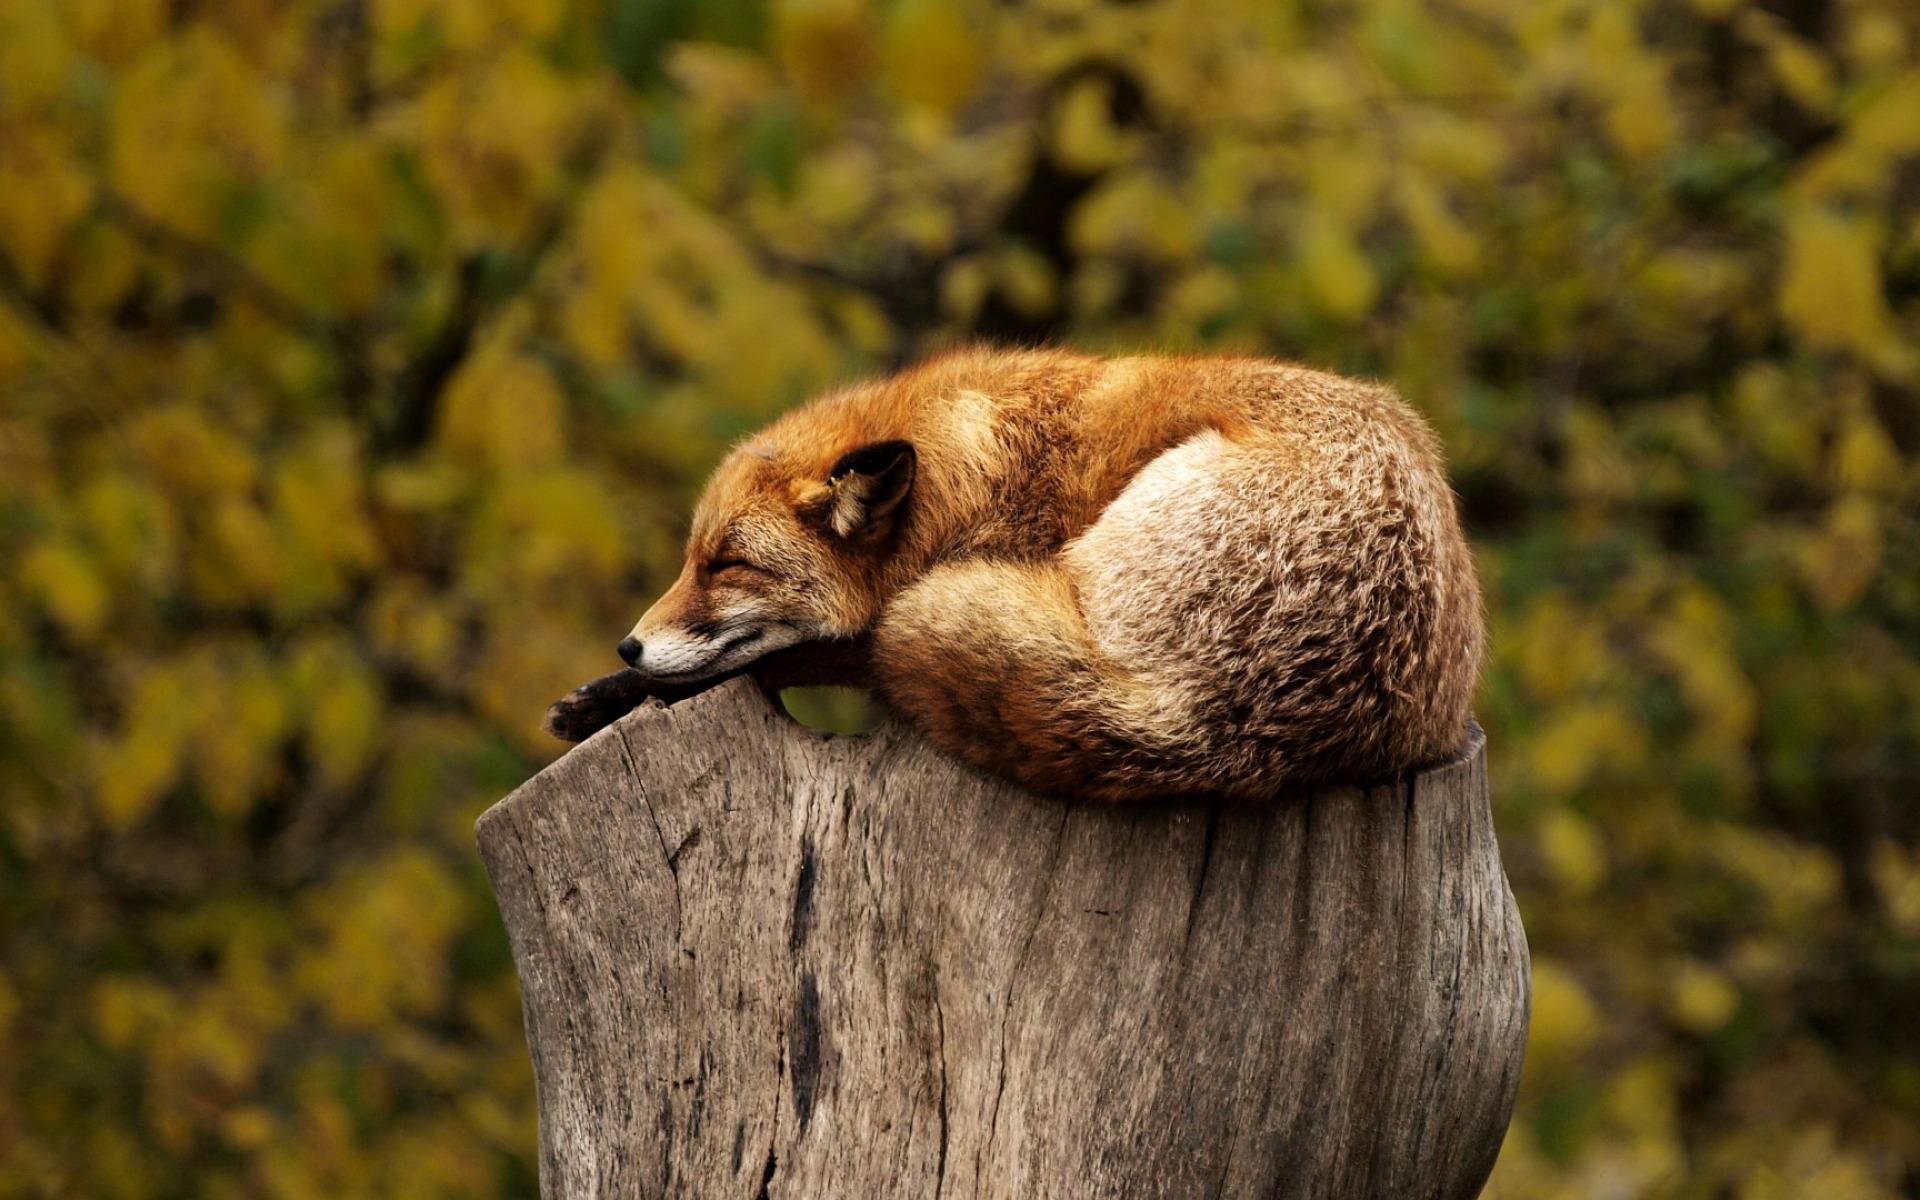 zorro descansar arbol